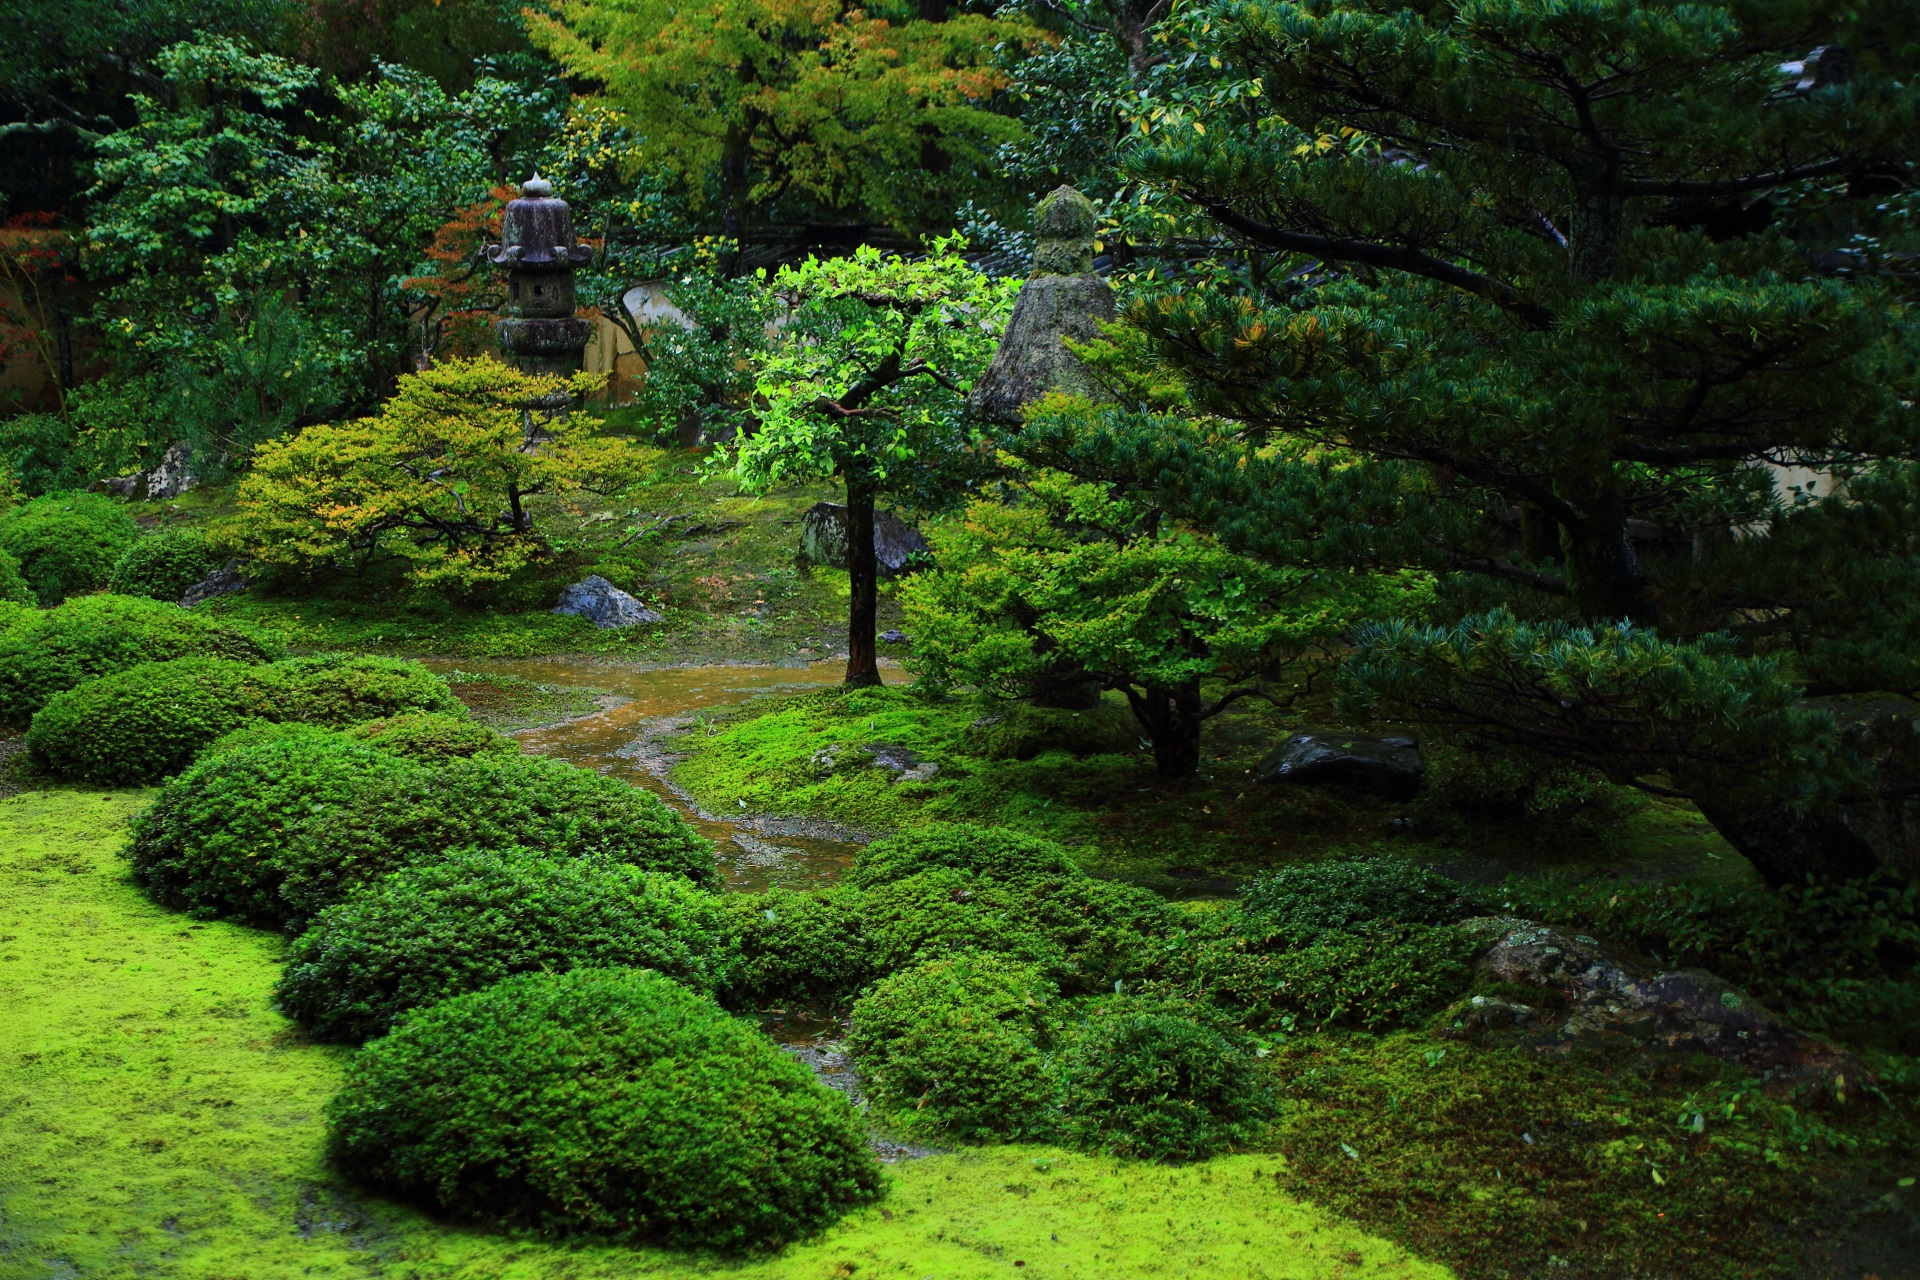 大雄院のモコモコした感じのボリュームある庭園